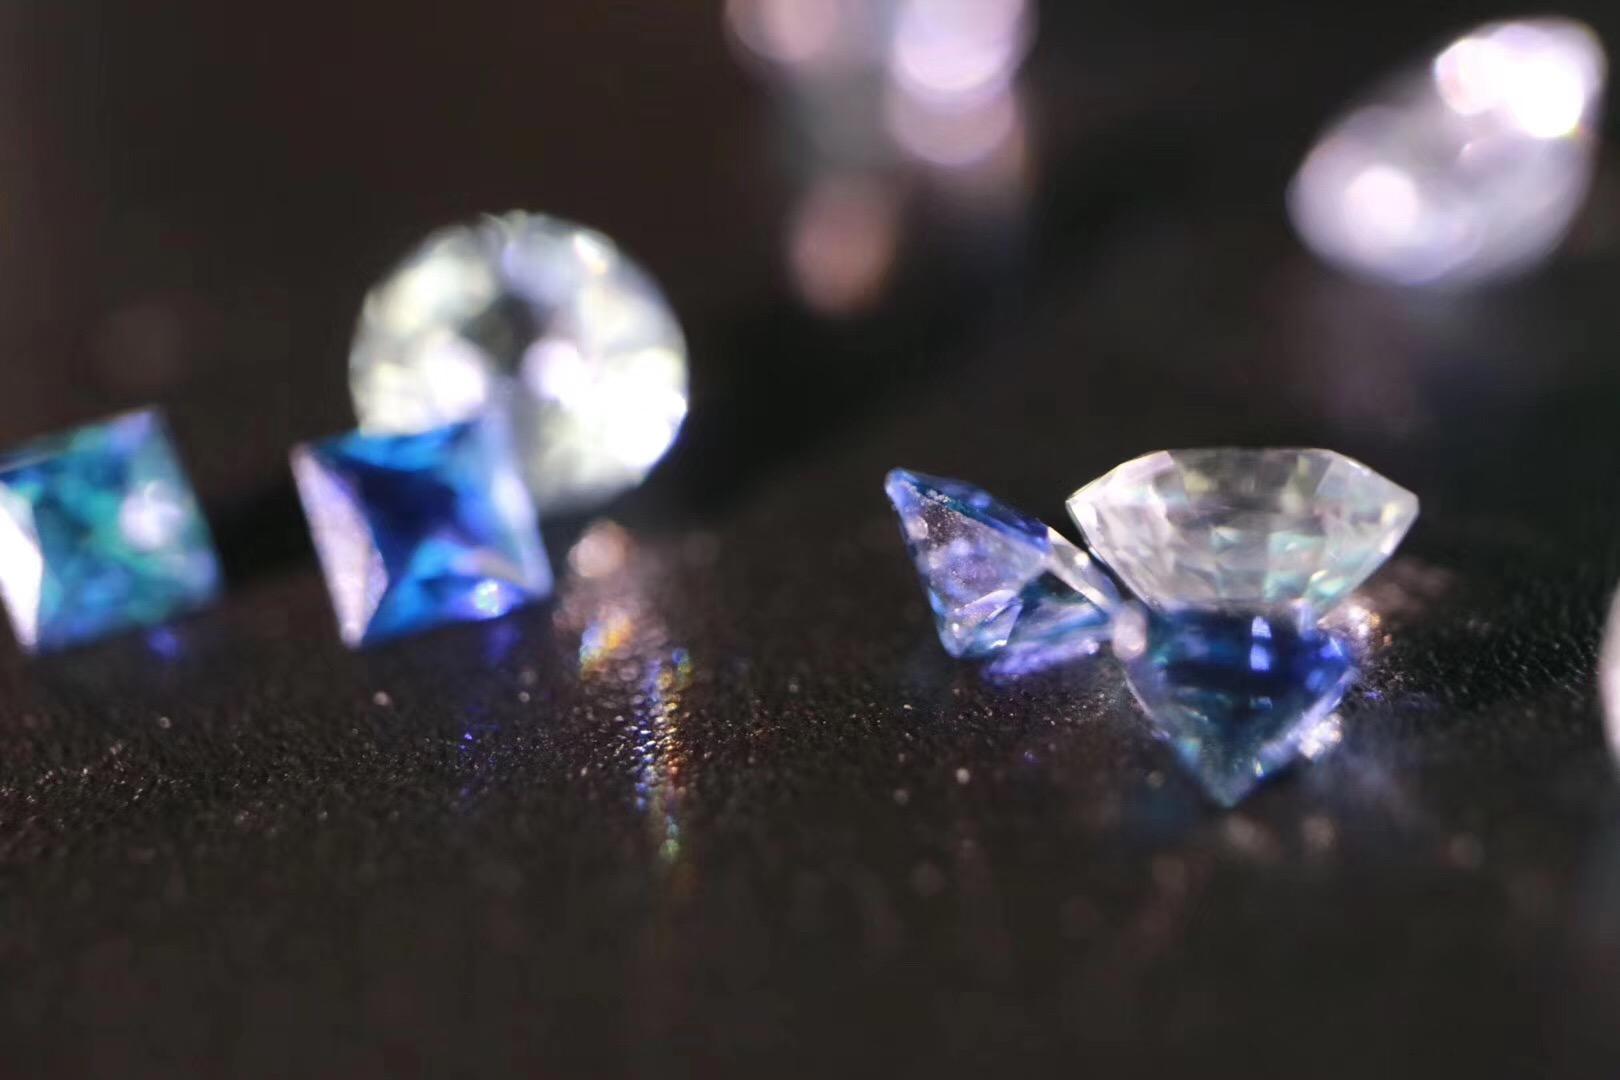 【皇家蓝&蓝宝石】  无色的钻,也是蓝宝石哦~-菩心晶舍